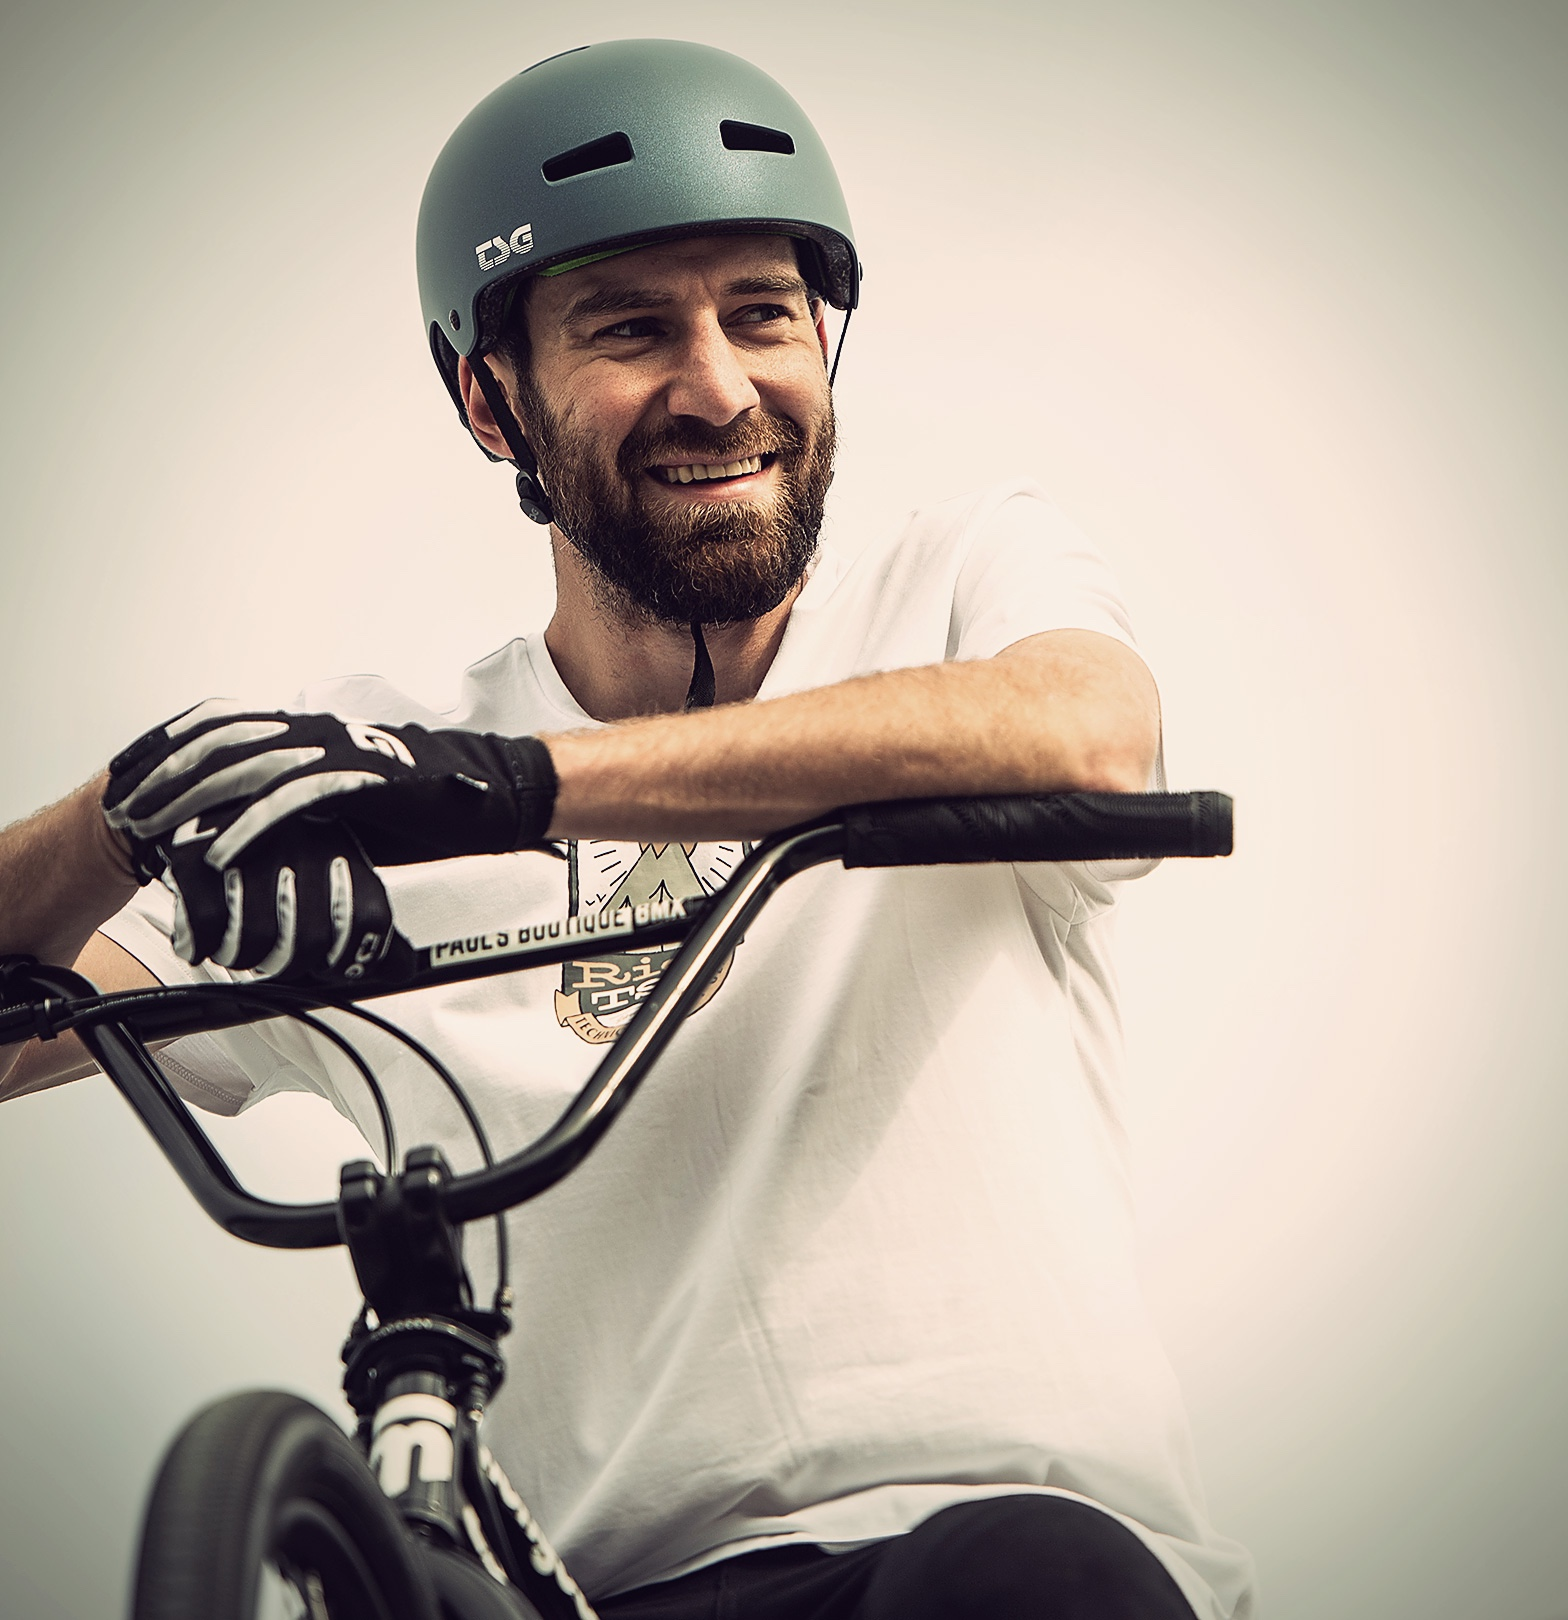 Daniel Wedemeijer TSG BMX rider portrait